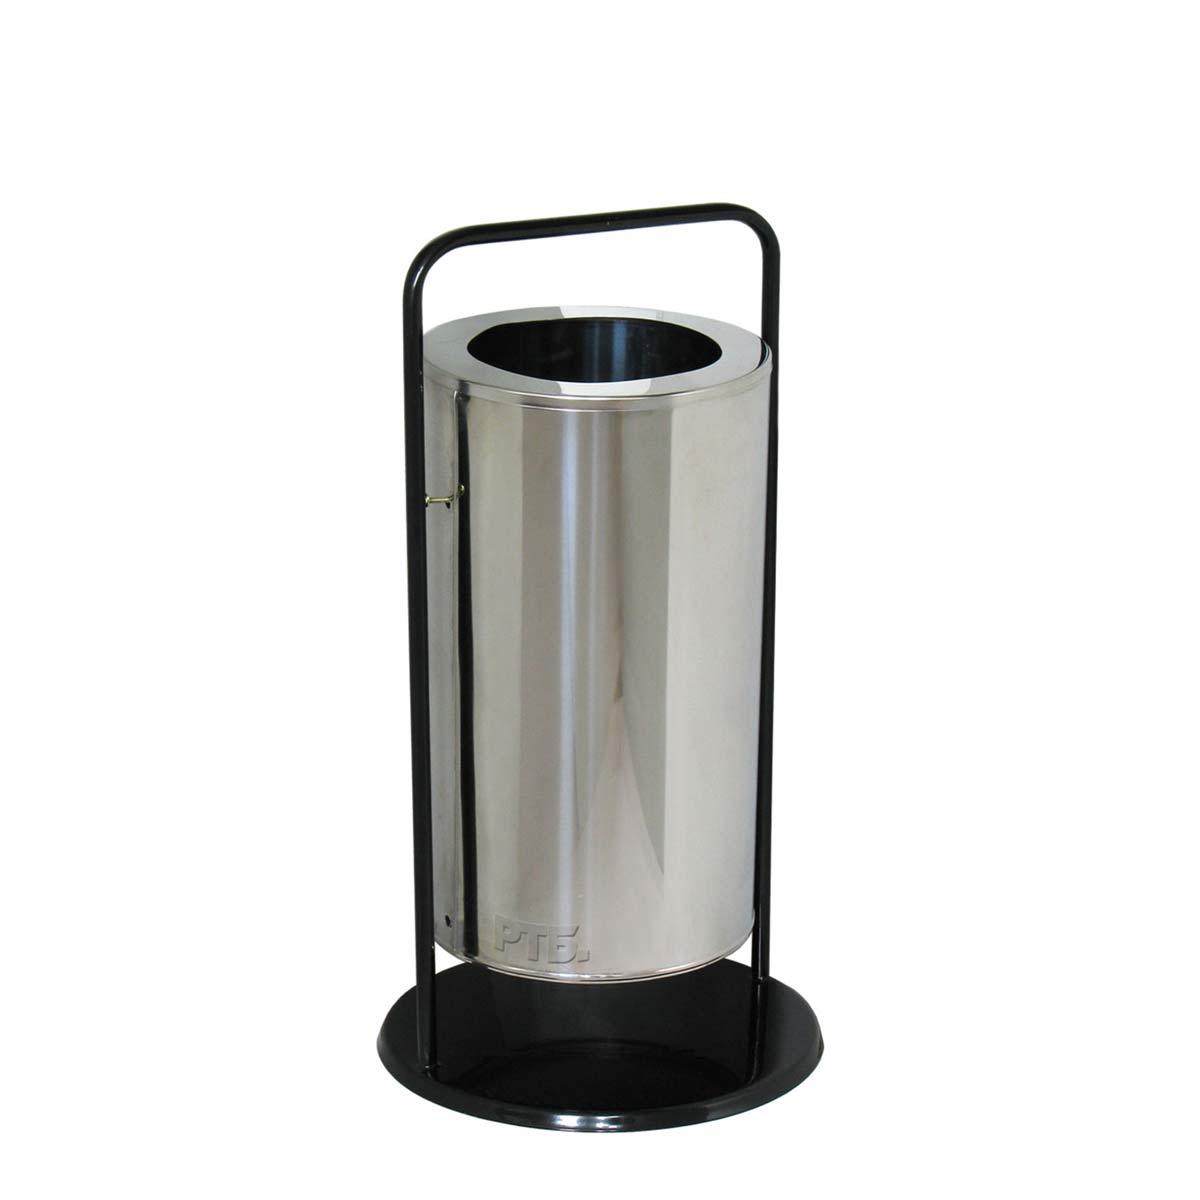 Урна СЛ3-300Н 36 литров, без пепельницы, без крышки